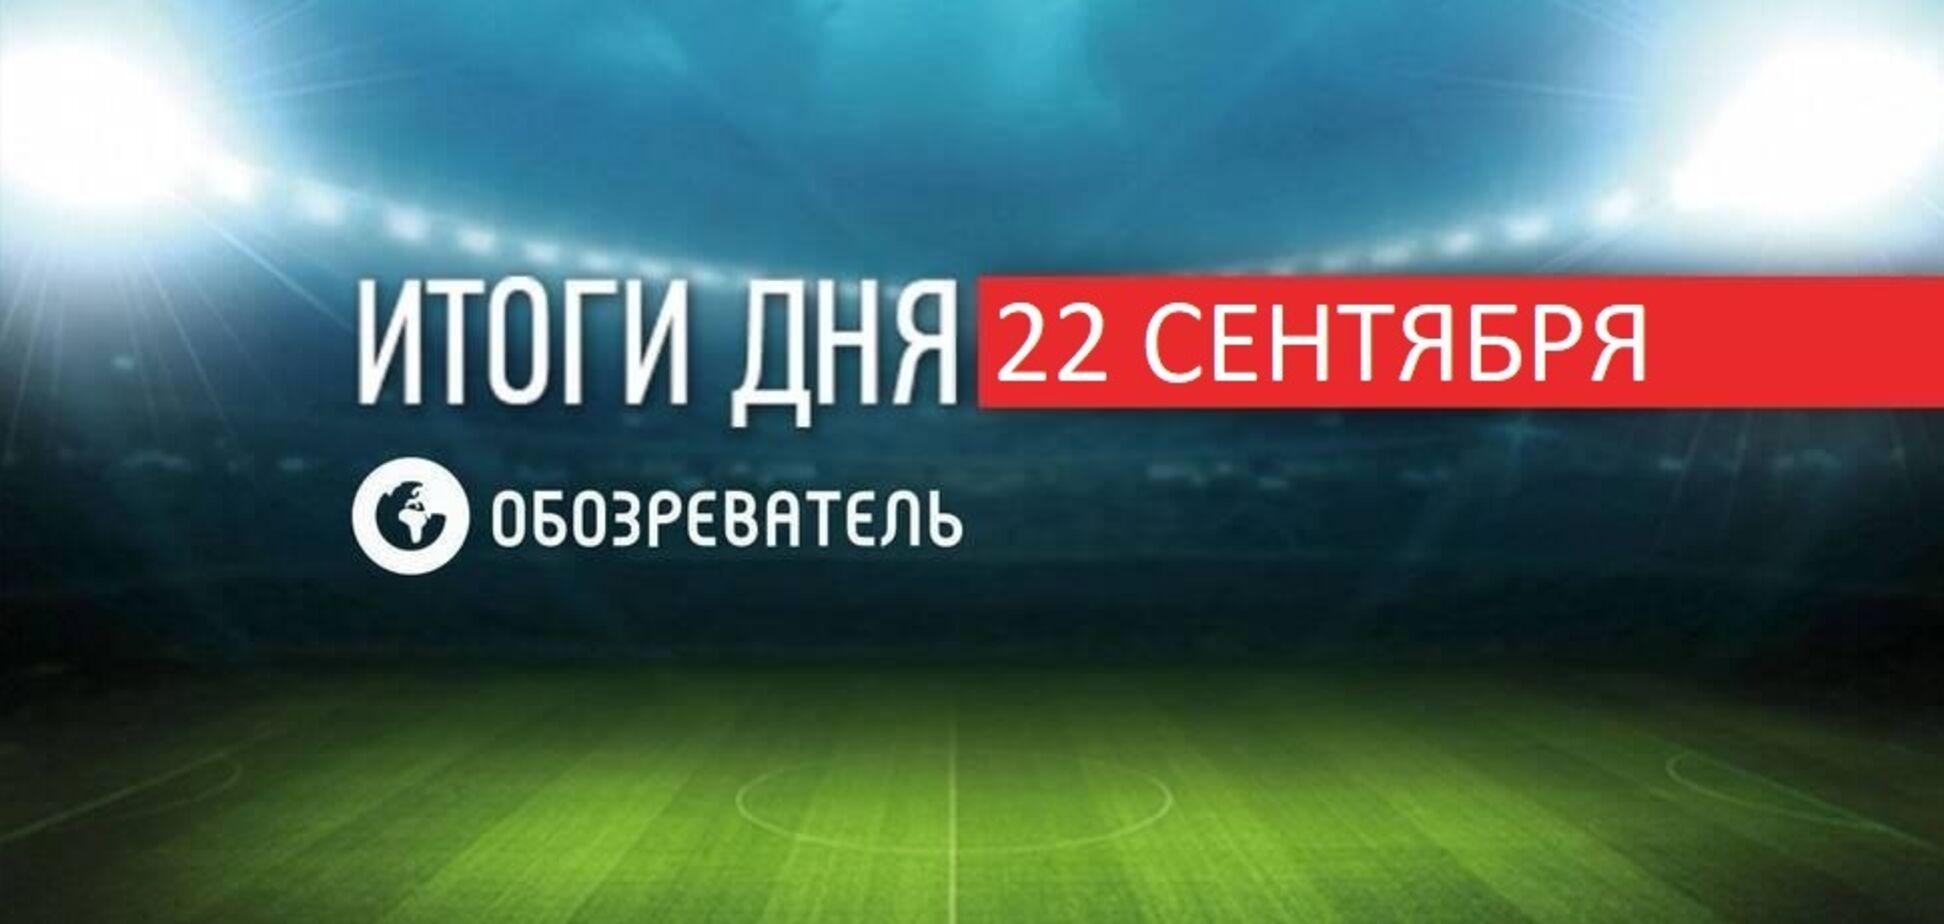 Боксер Редкач поставив на місце росіян відповіддю про Крим: спортивні підсумки 22 вересня